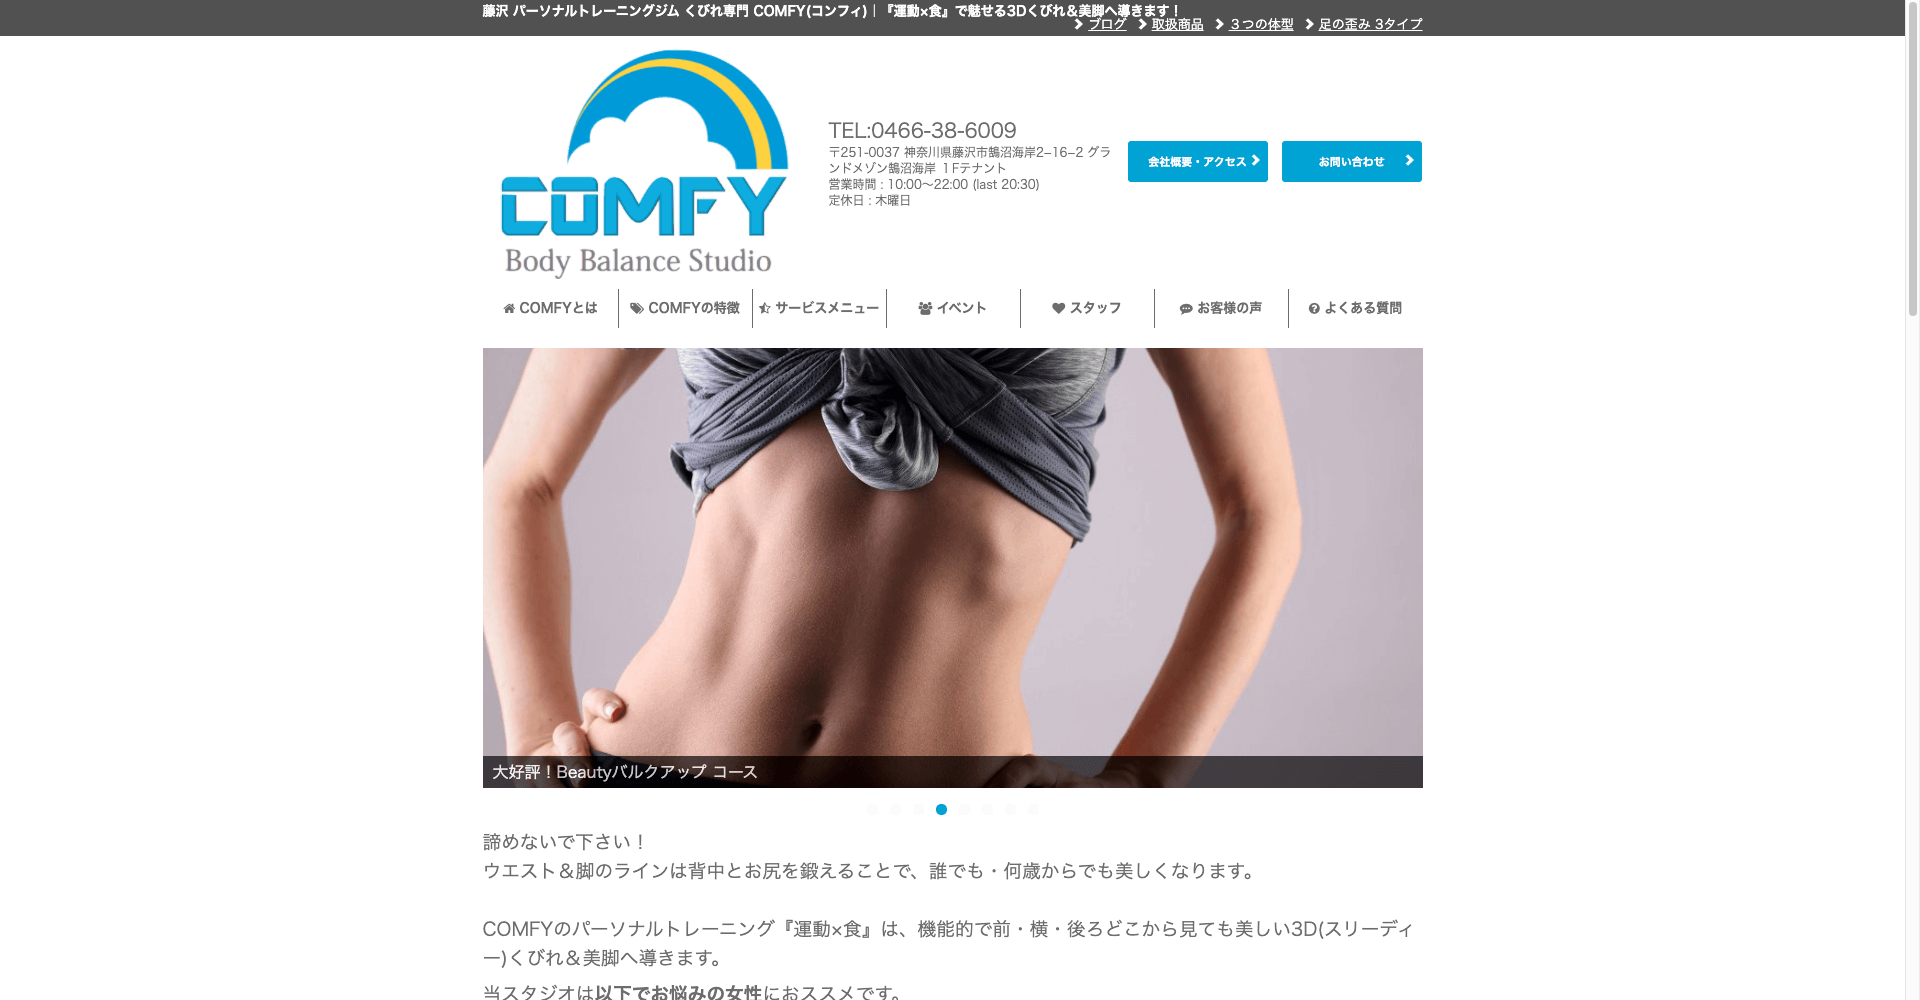 藤沢 パーソナルトレーニング くびれ専門 Body Balance Studio COMFY (コンフィ)